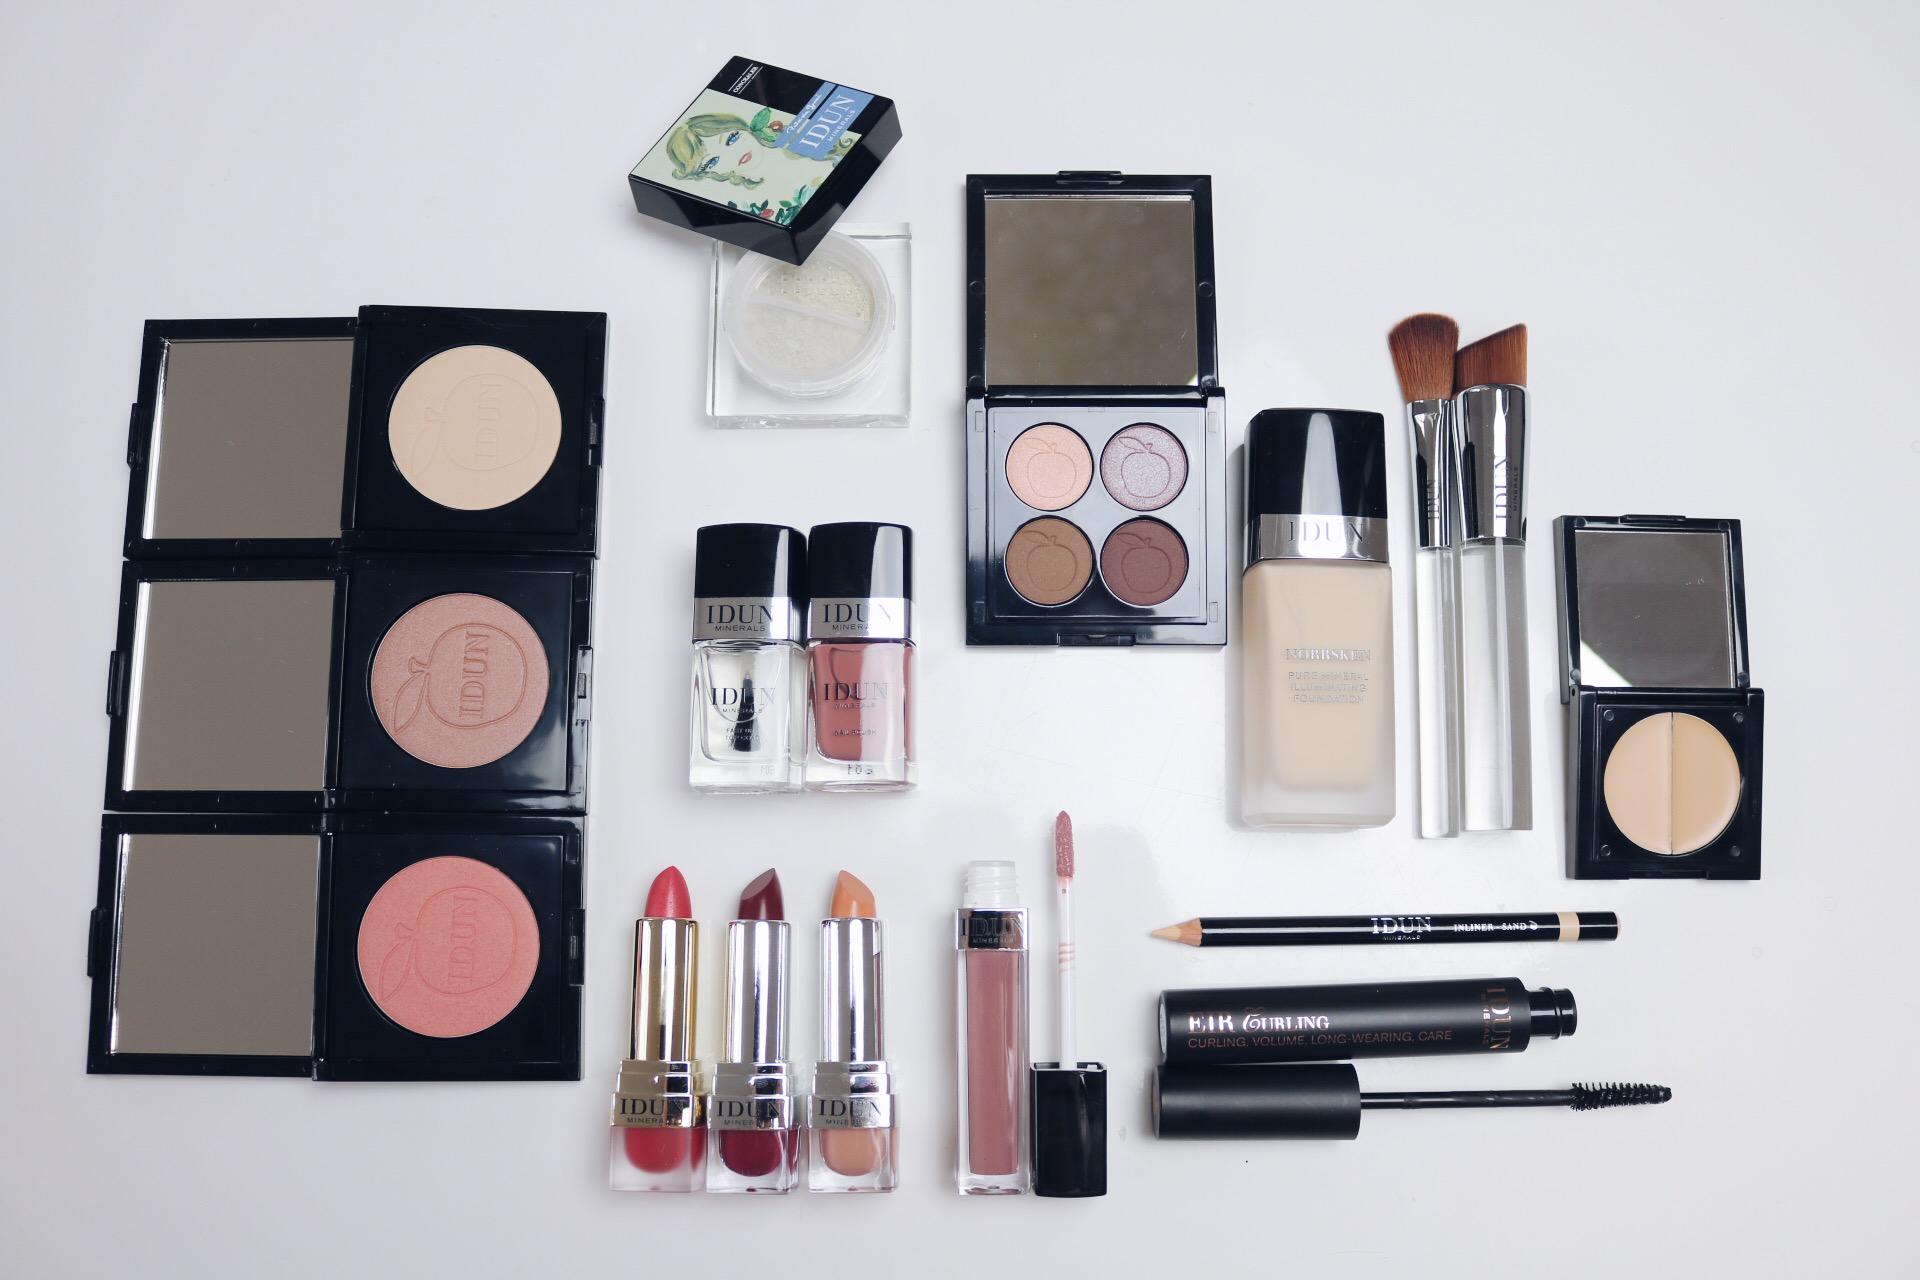 Daisy Beauty London 2016 Dag 2 Idun arbetsprover pressprover amandahans skönhetsblogg, daisy beauty, idun minerals, mineralsmink, bra smink för allergiker, vegan smink, cruelty free,